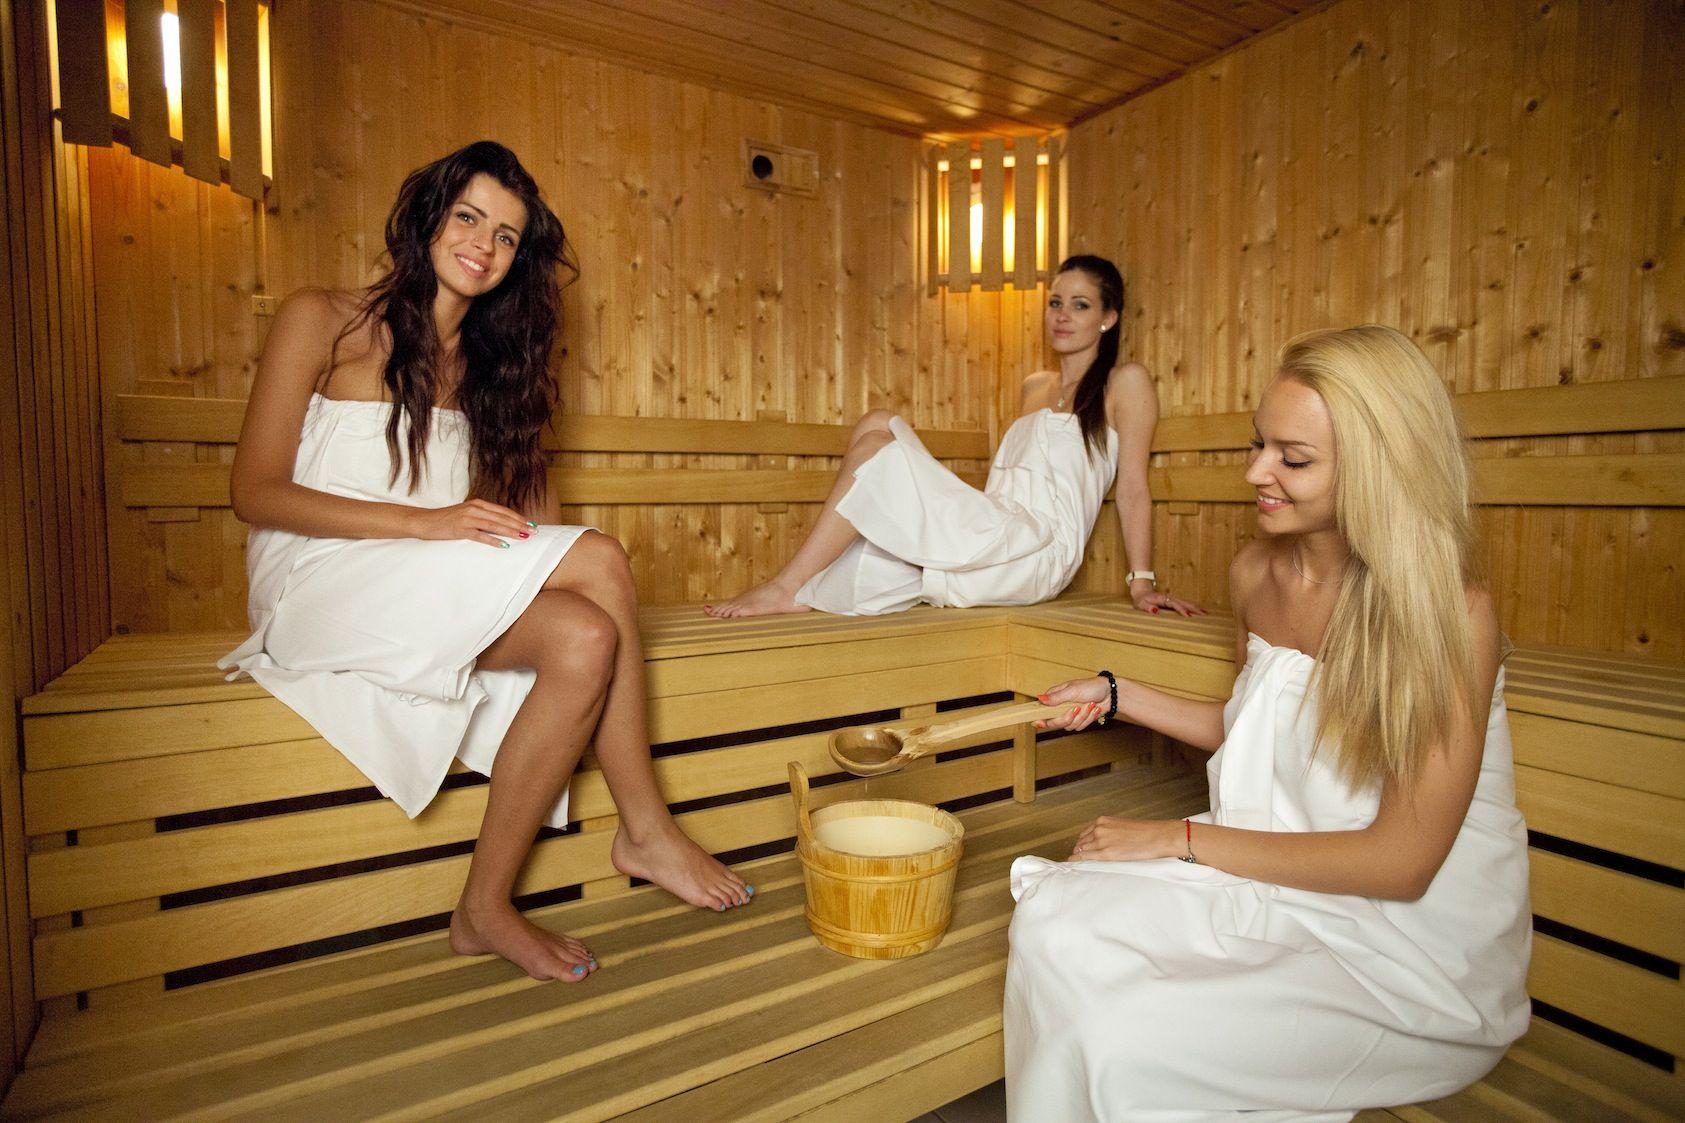 русские женщины в бане - 6